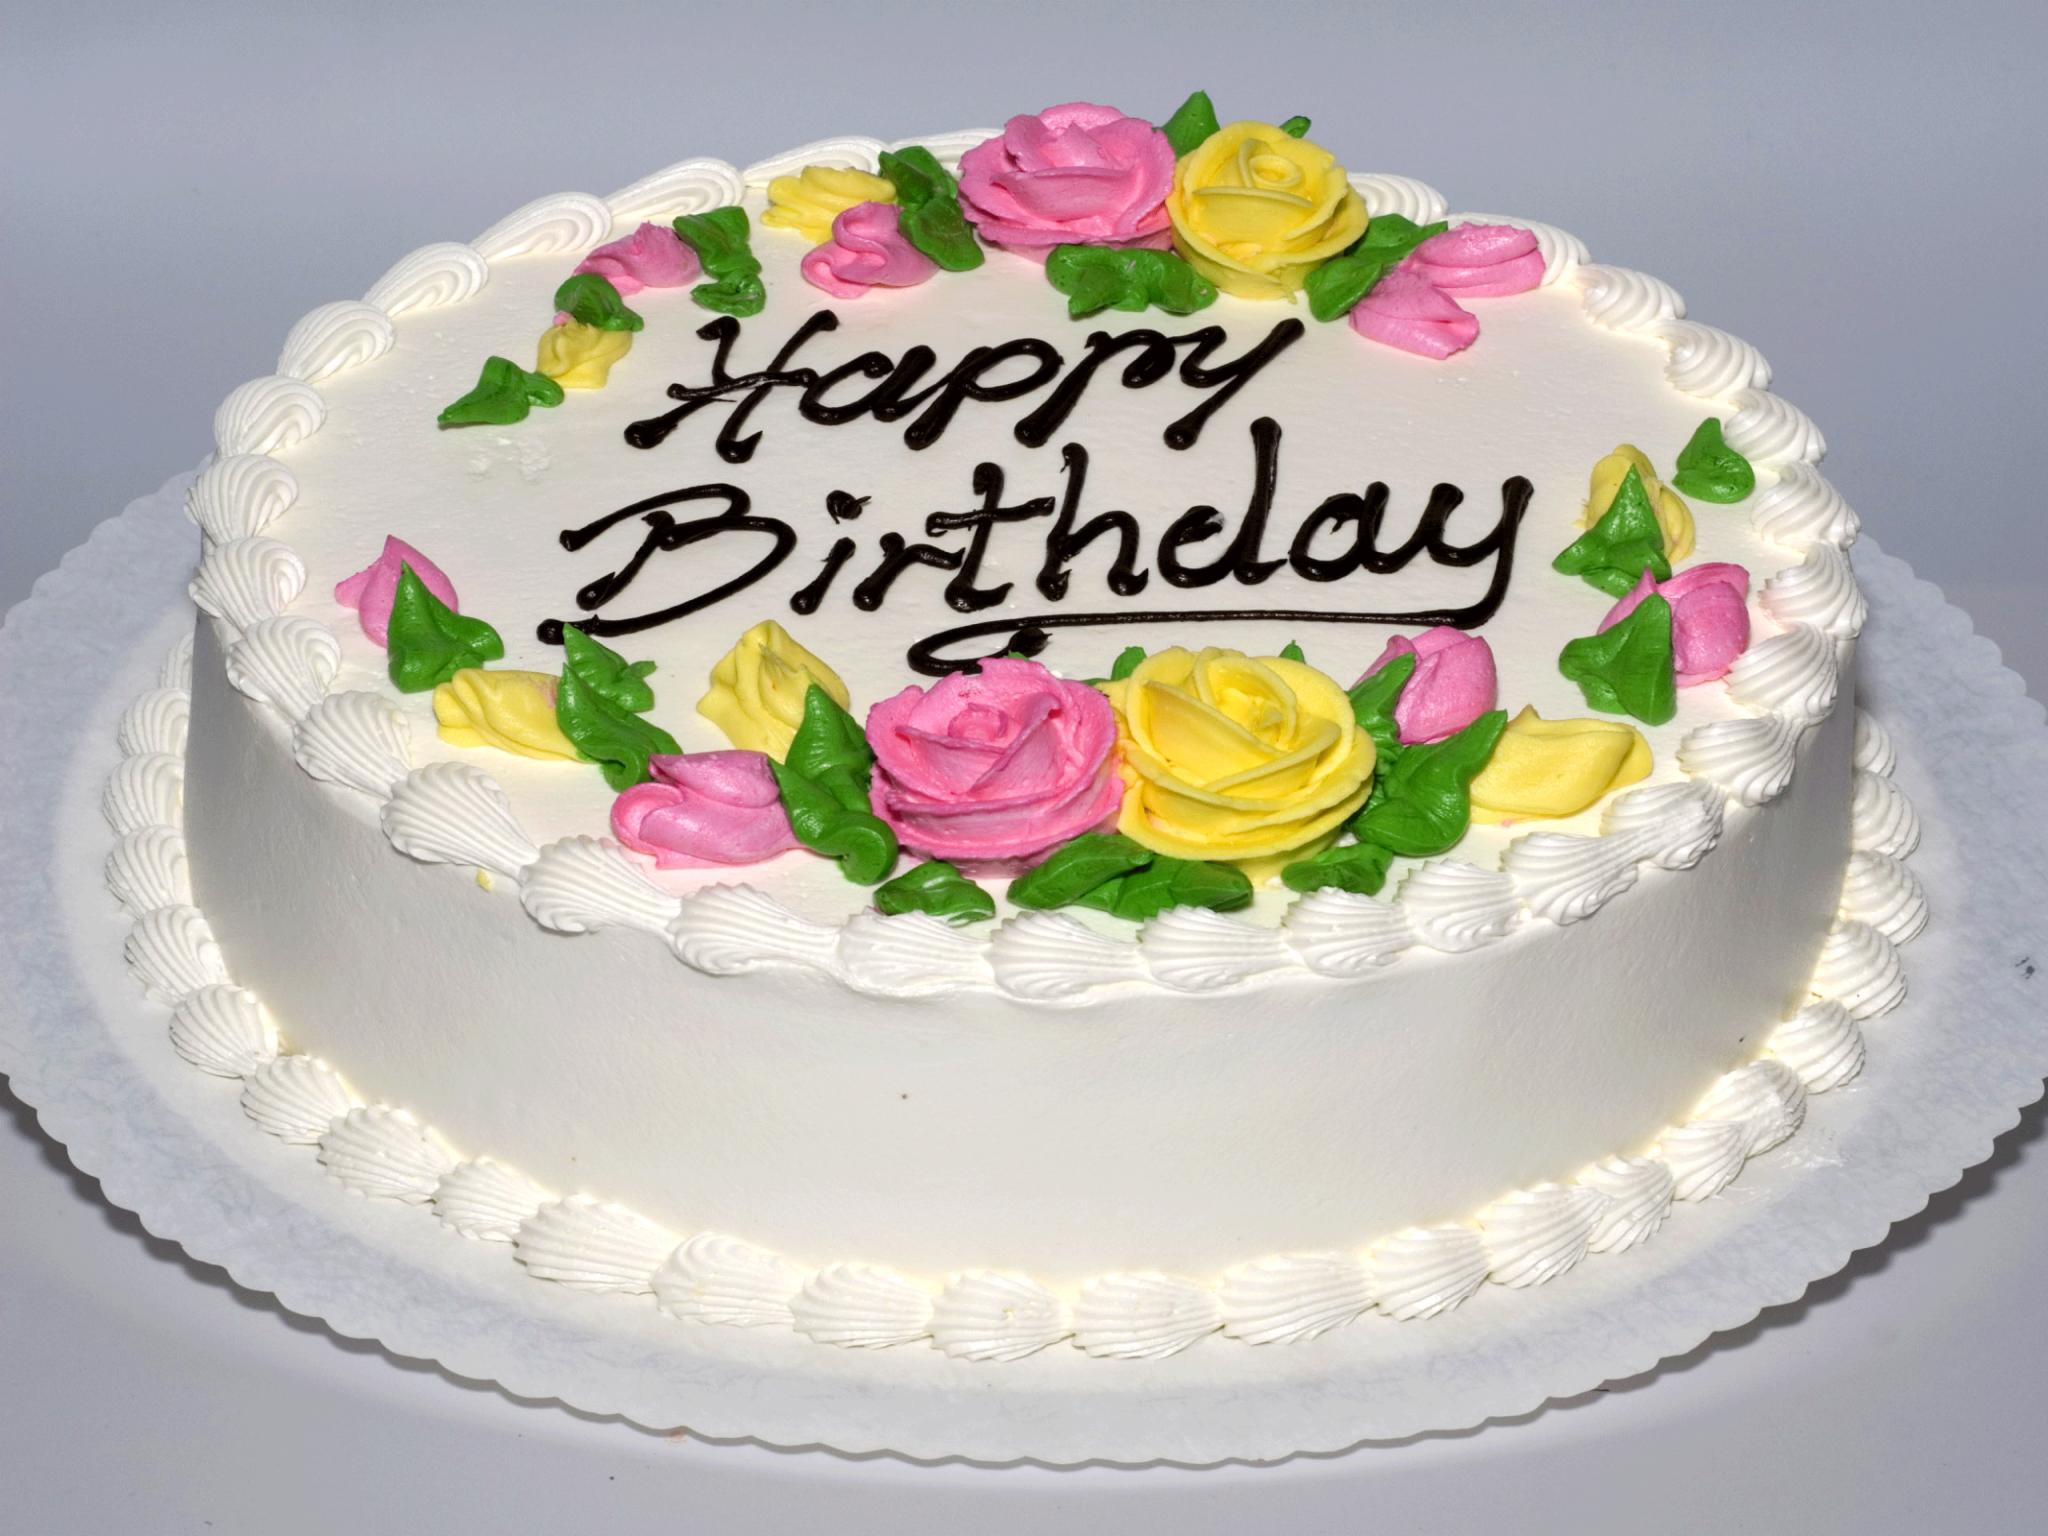 с днем рождения надпись картинки торт том, что дом